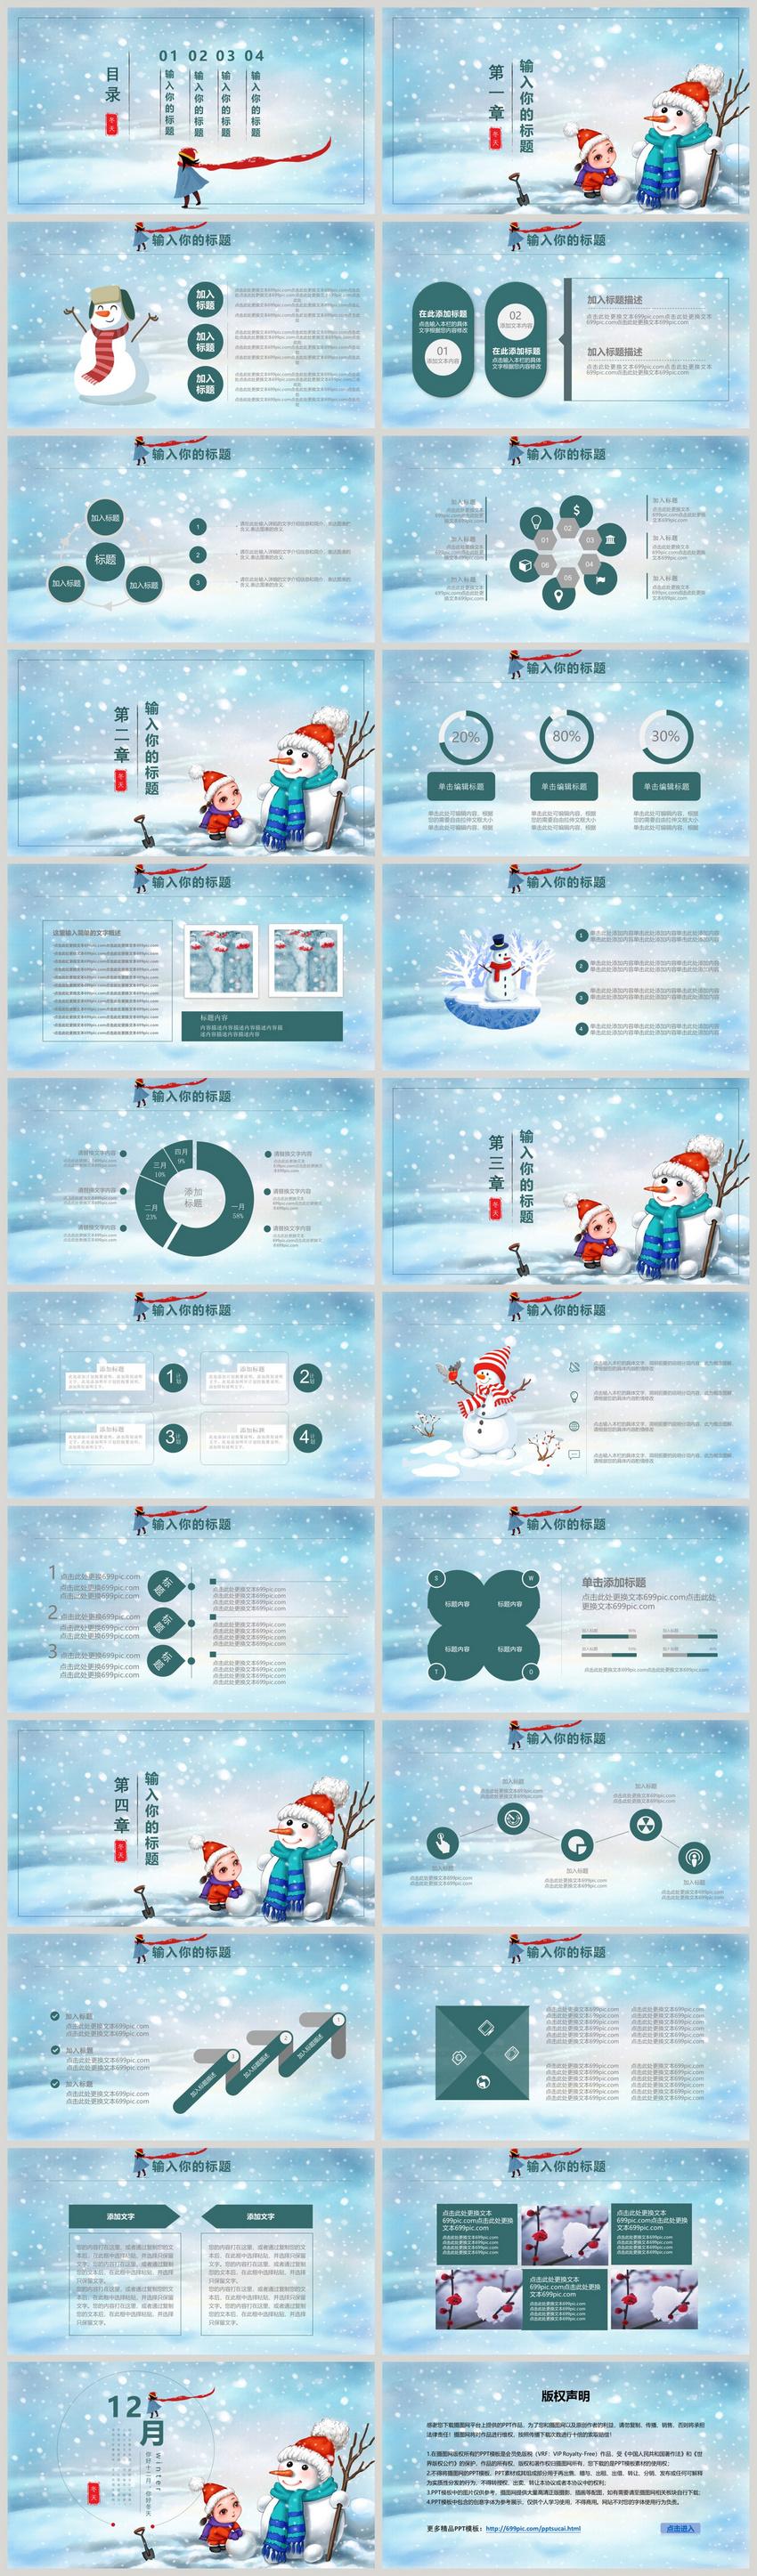 冬季雪人你好12月PPT模板图片